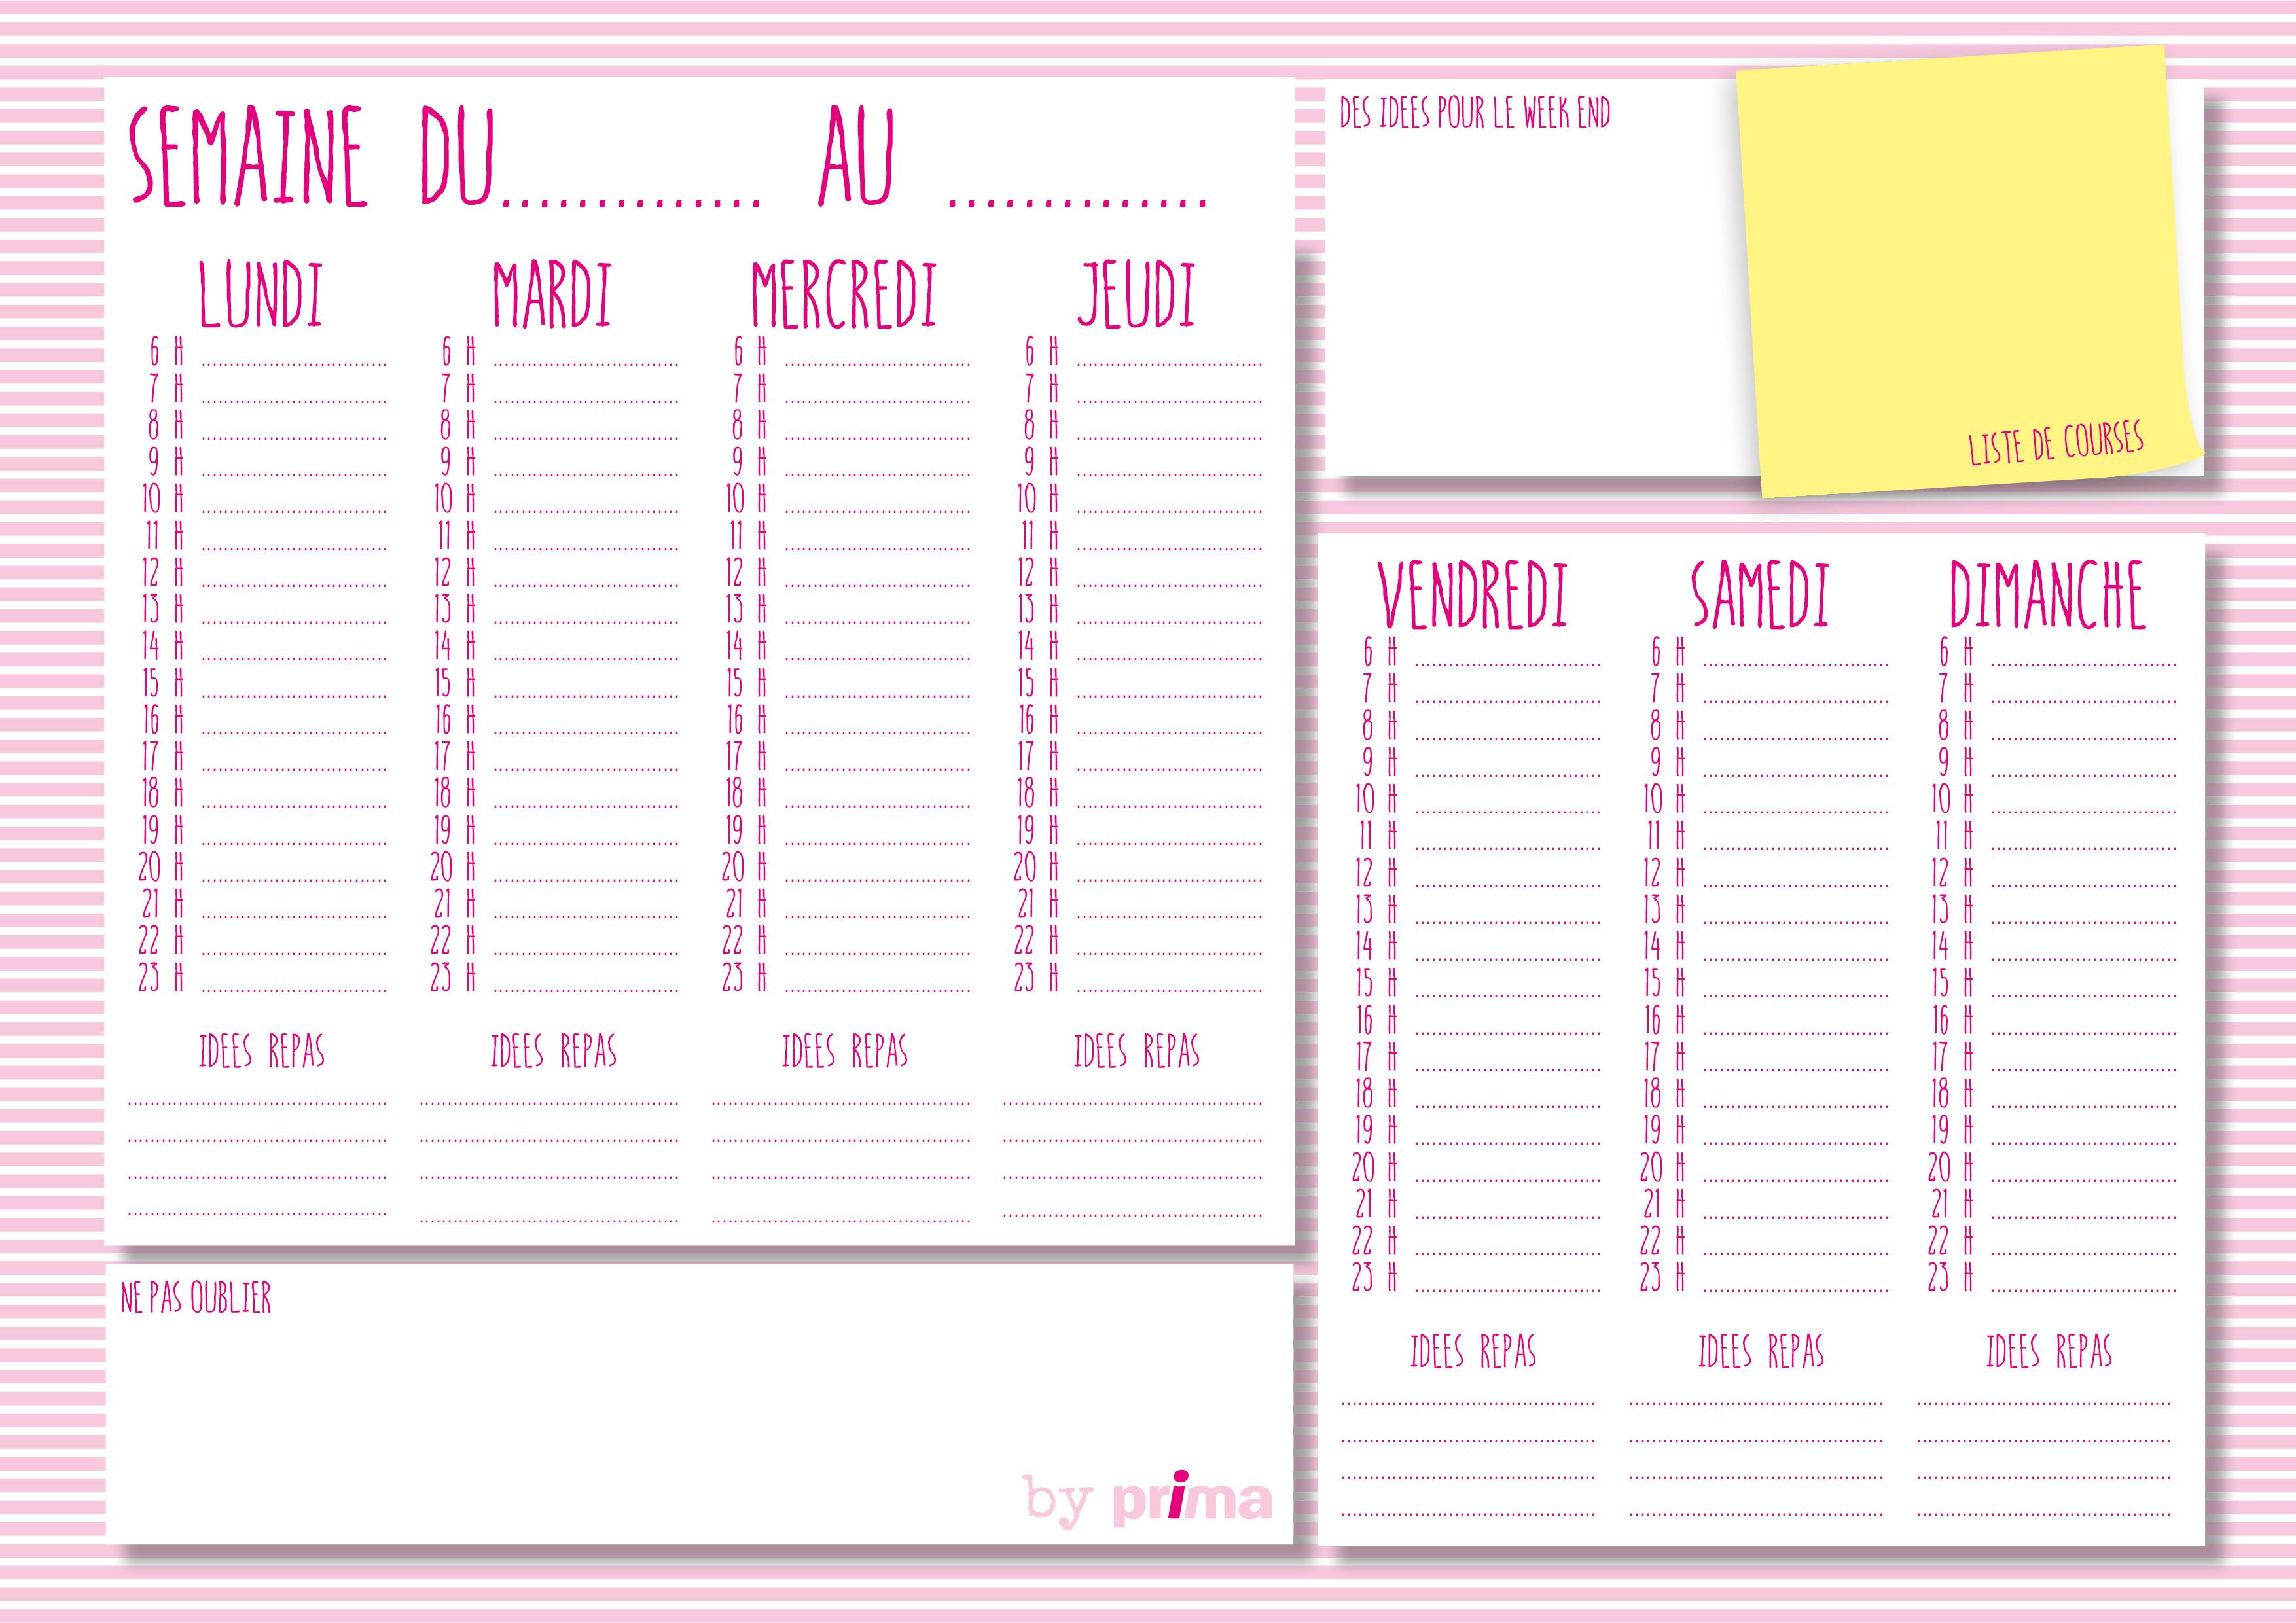 Calendrier Personnalise A Imprimer.Gratuit Agenda Personnalise A Imprimer Femme Actuelle Le Mag